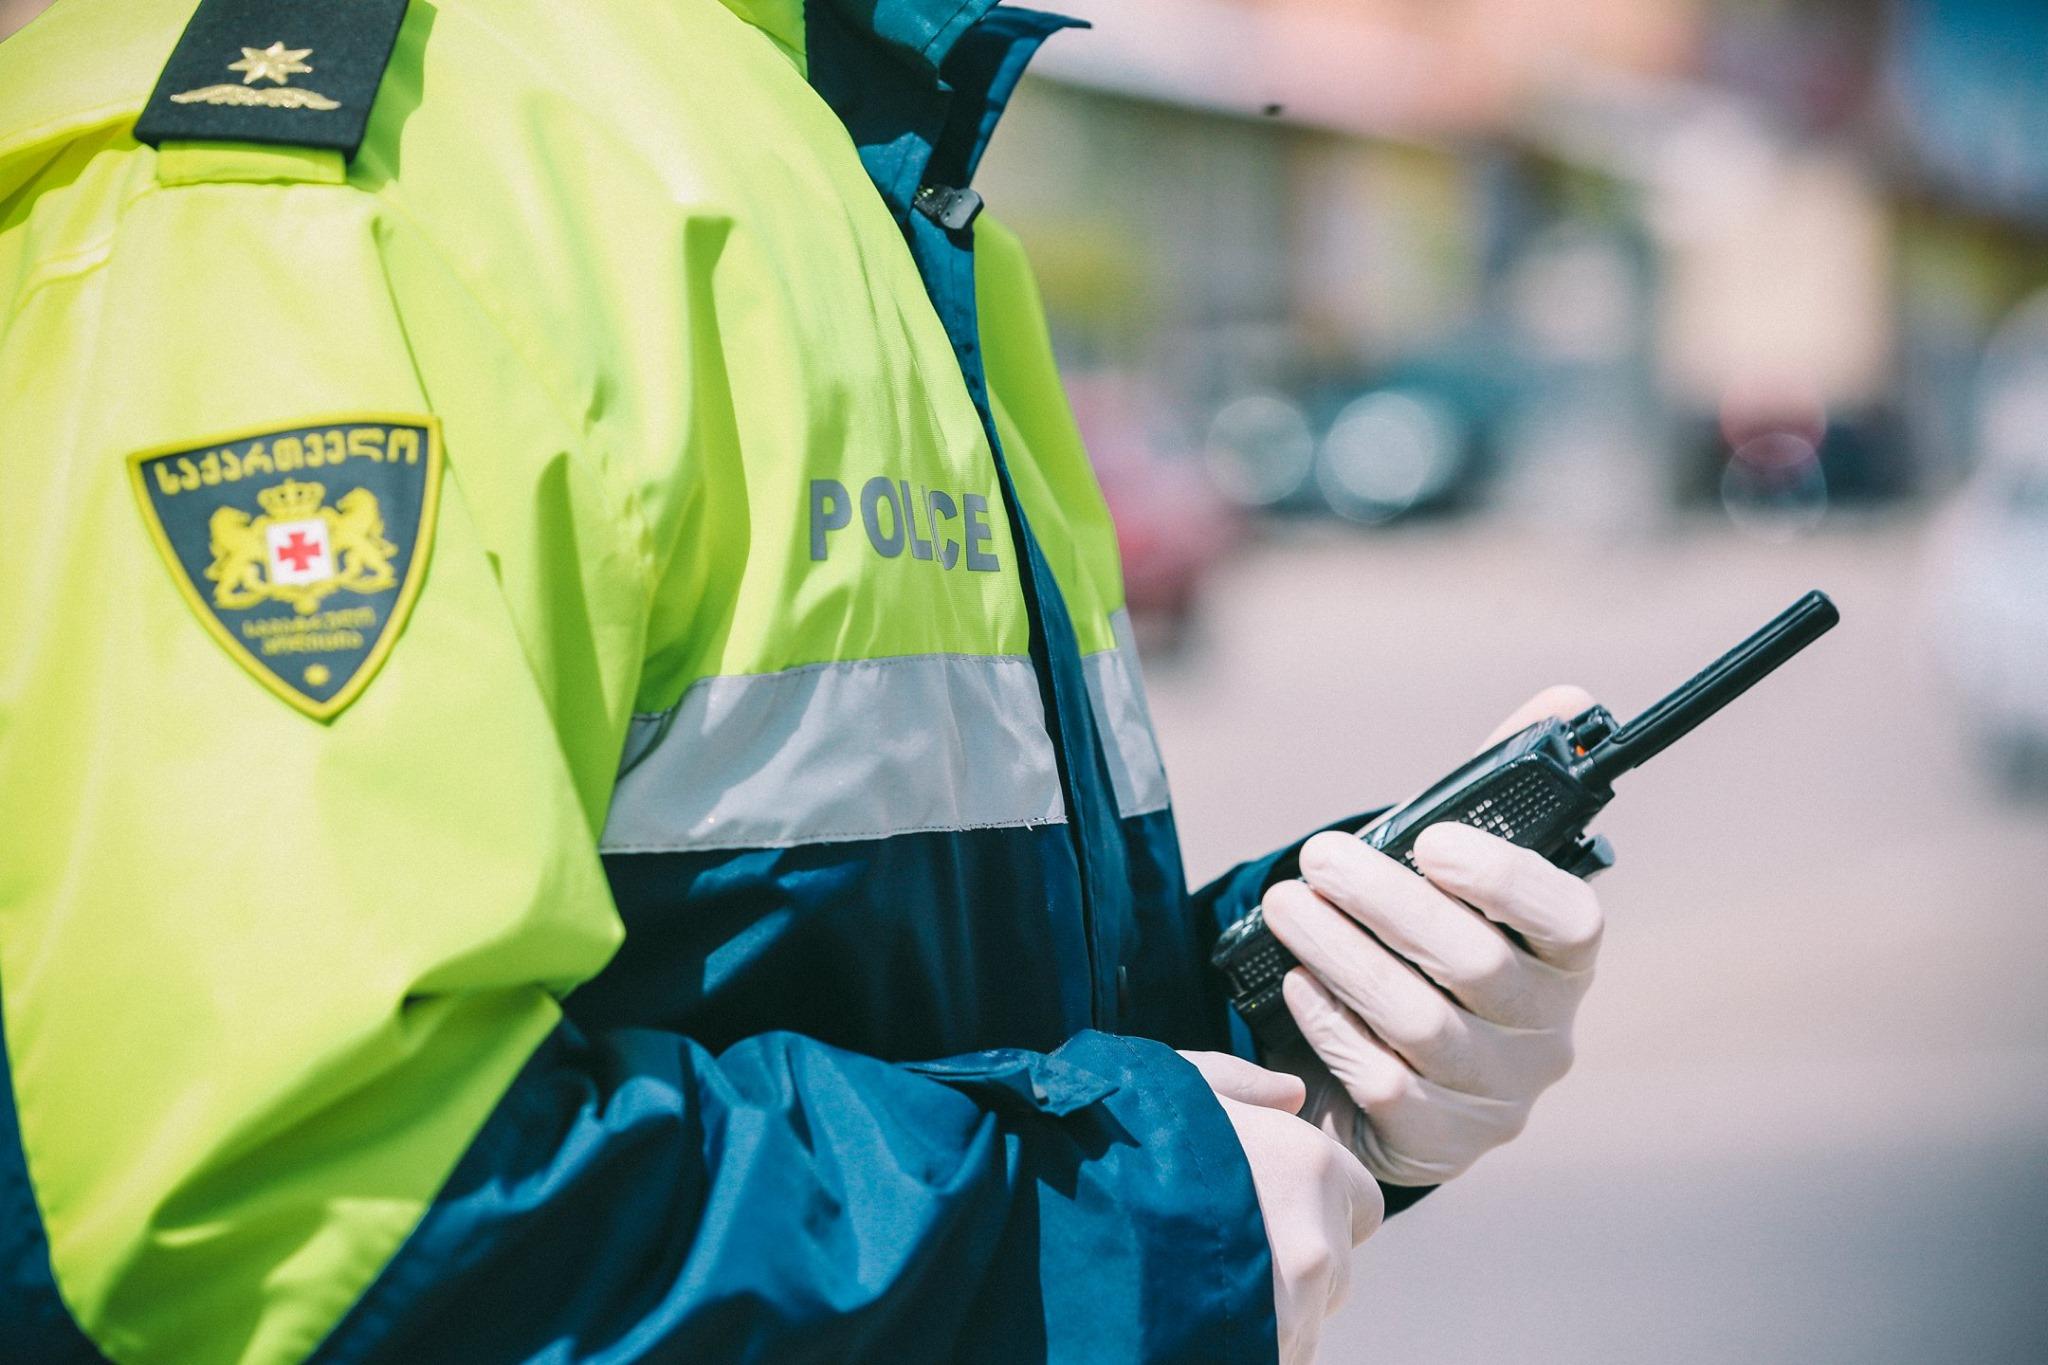 Police 15 чрезвычайное положение чрезвычайное положение